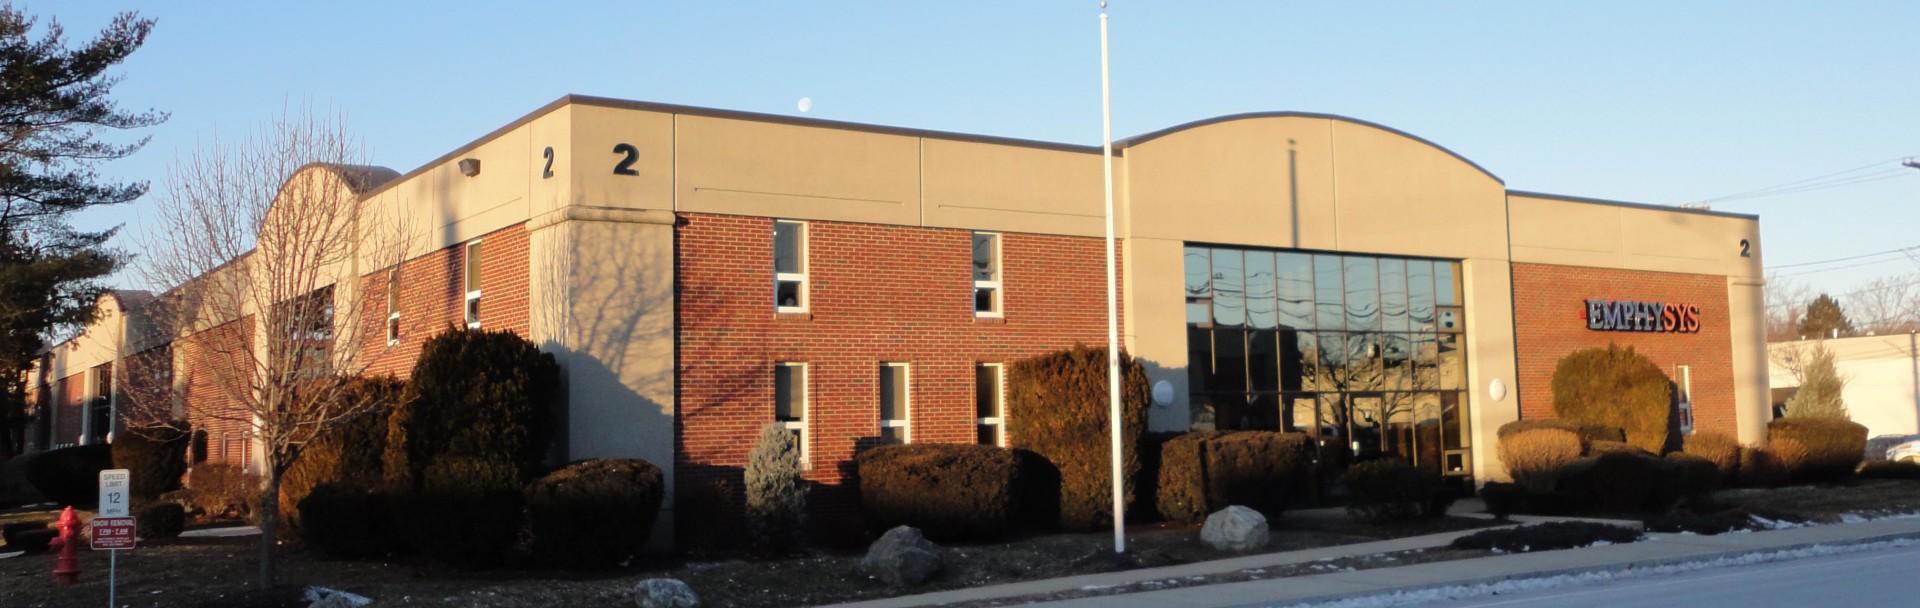 Emphysys Building, Woburn, MA